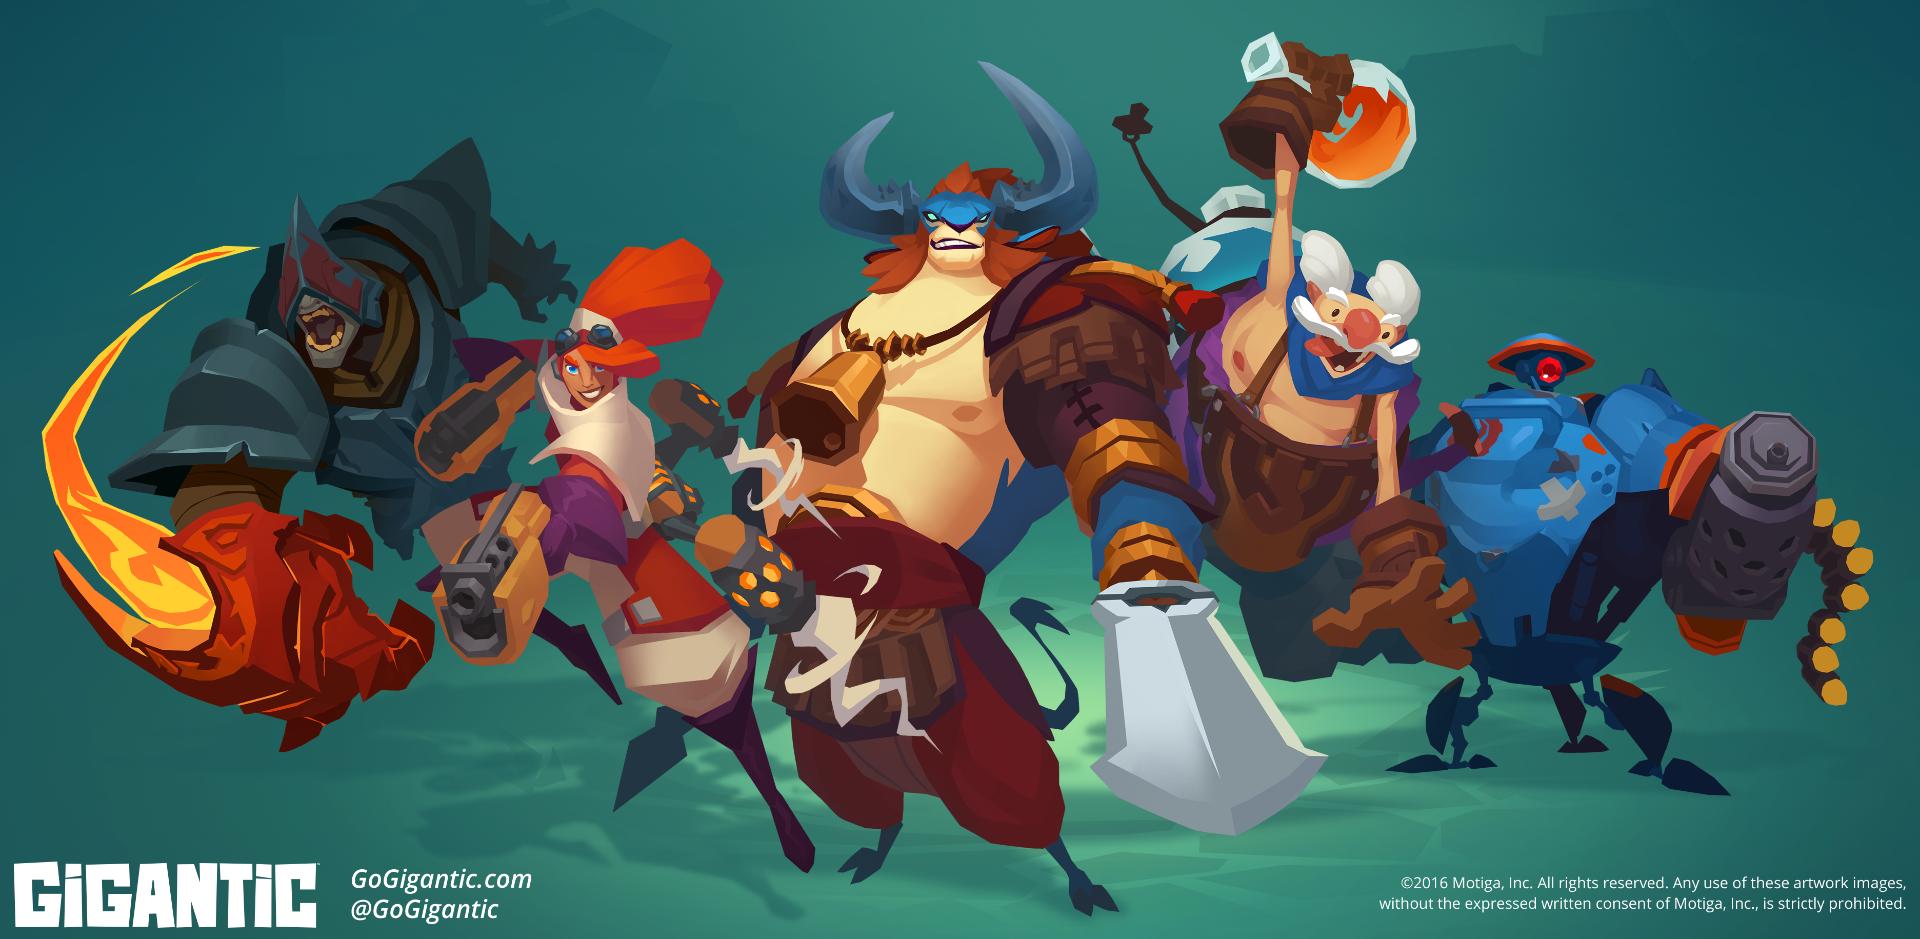 Gigantic - Assorted Heroes